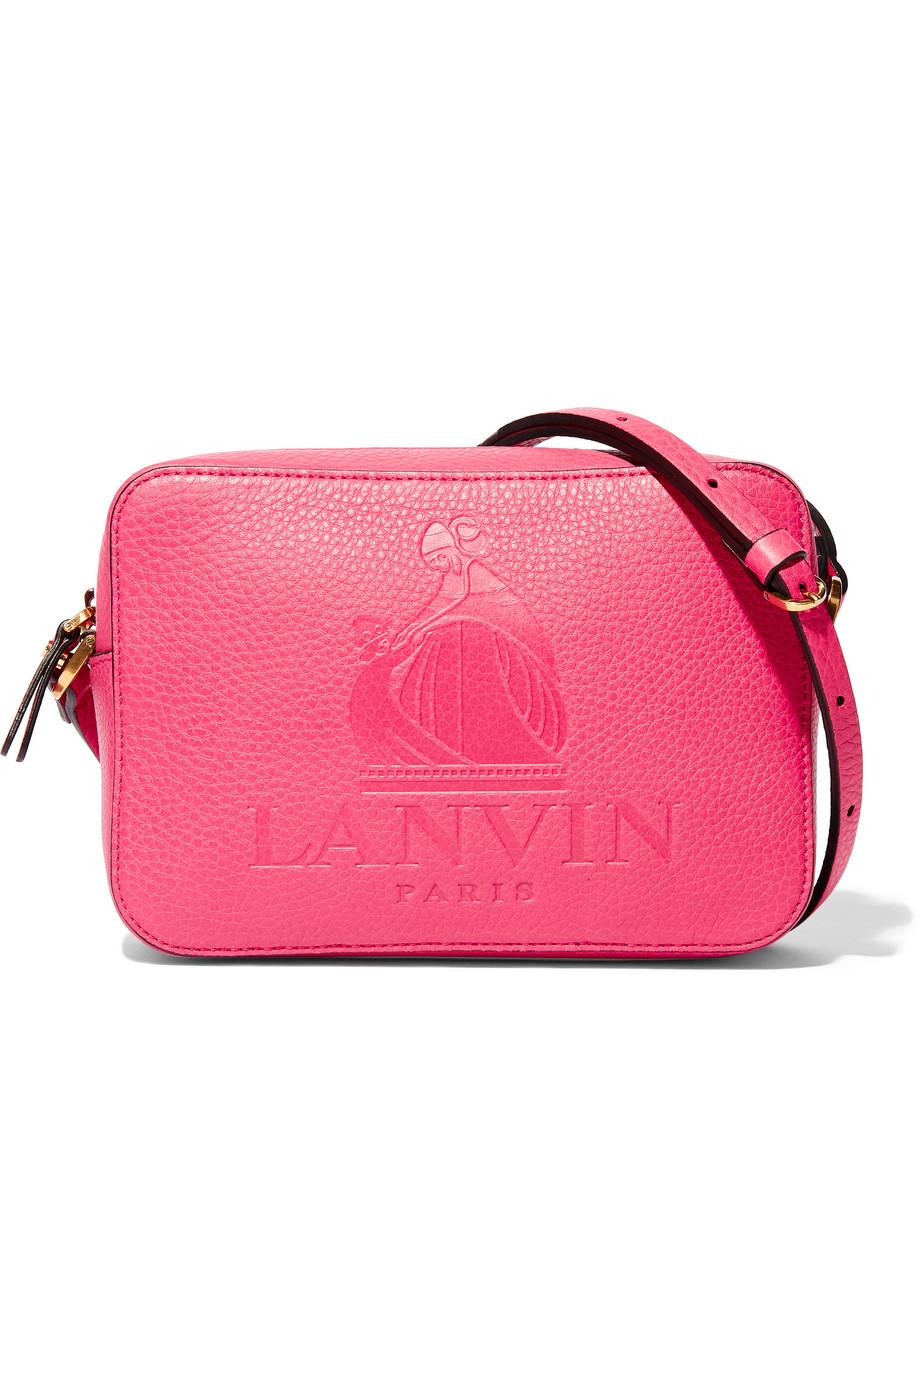 Lanvin Nomad Embossed Textured-Leather Shoulder Bag, Pink, Women's